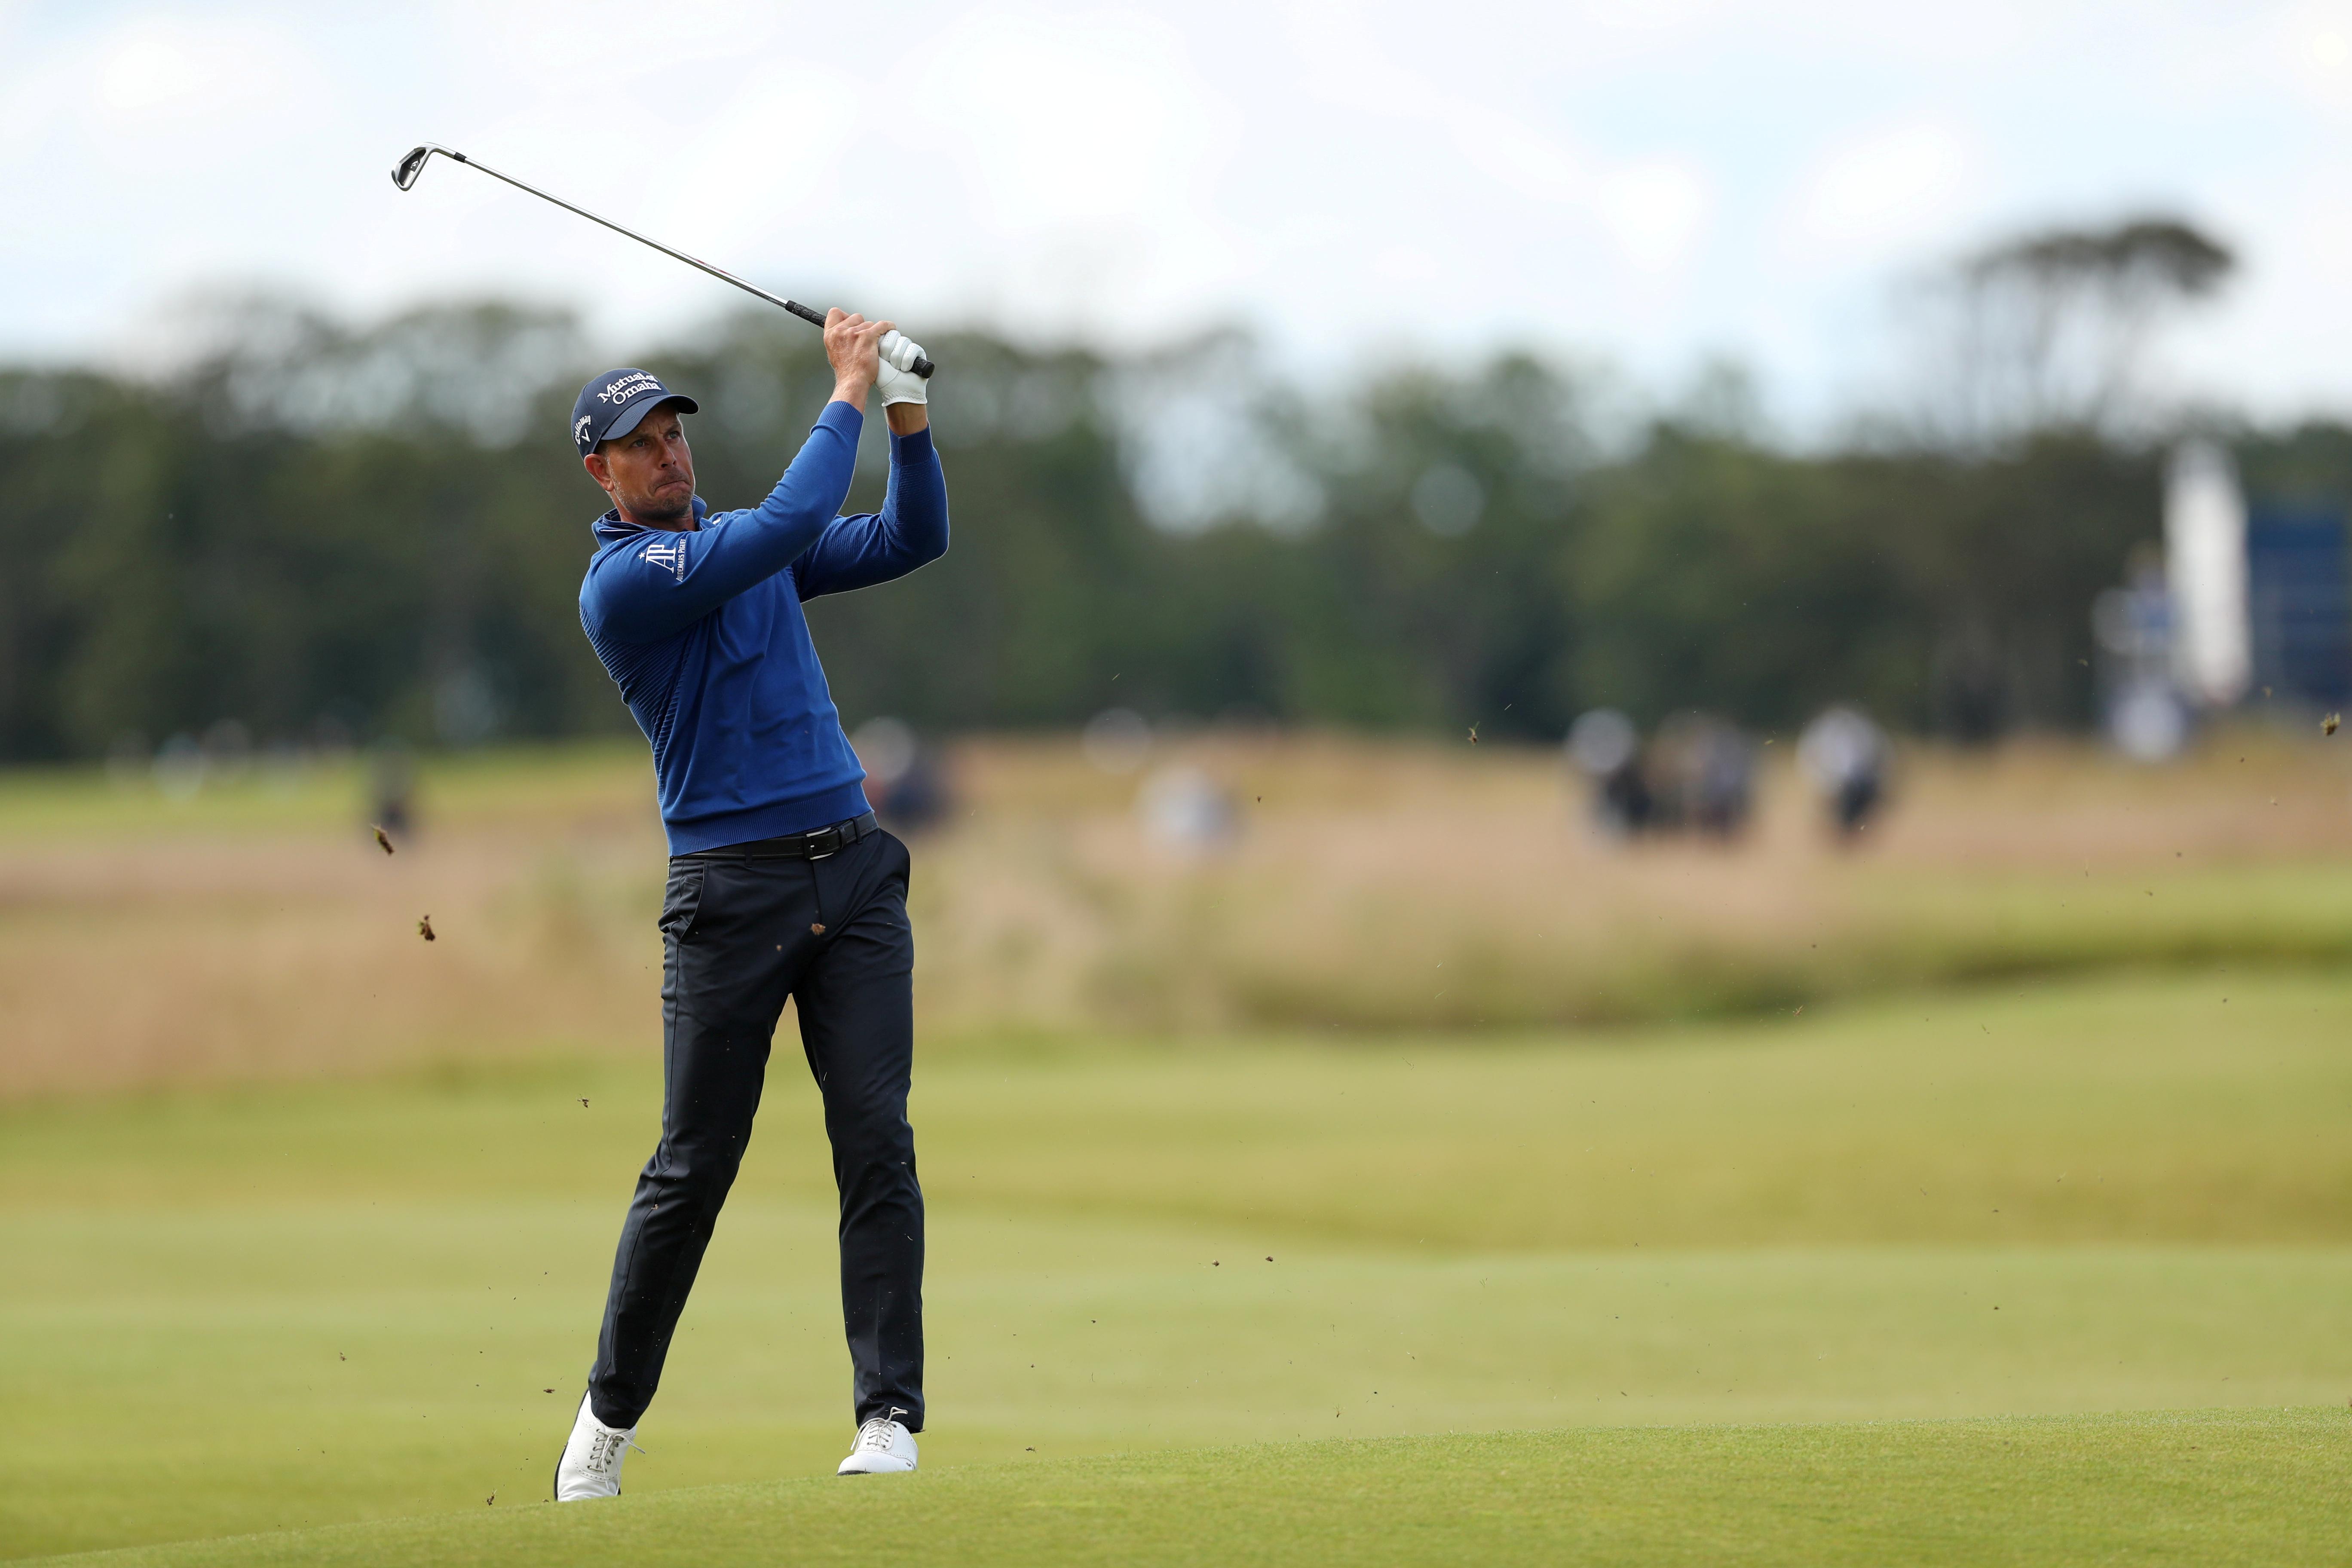 Golf: Stenson, Sorenstam to host 'innovative' mixed tournament in Sweden